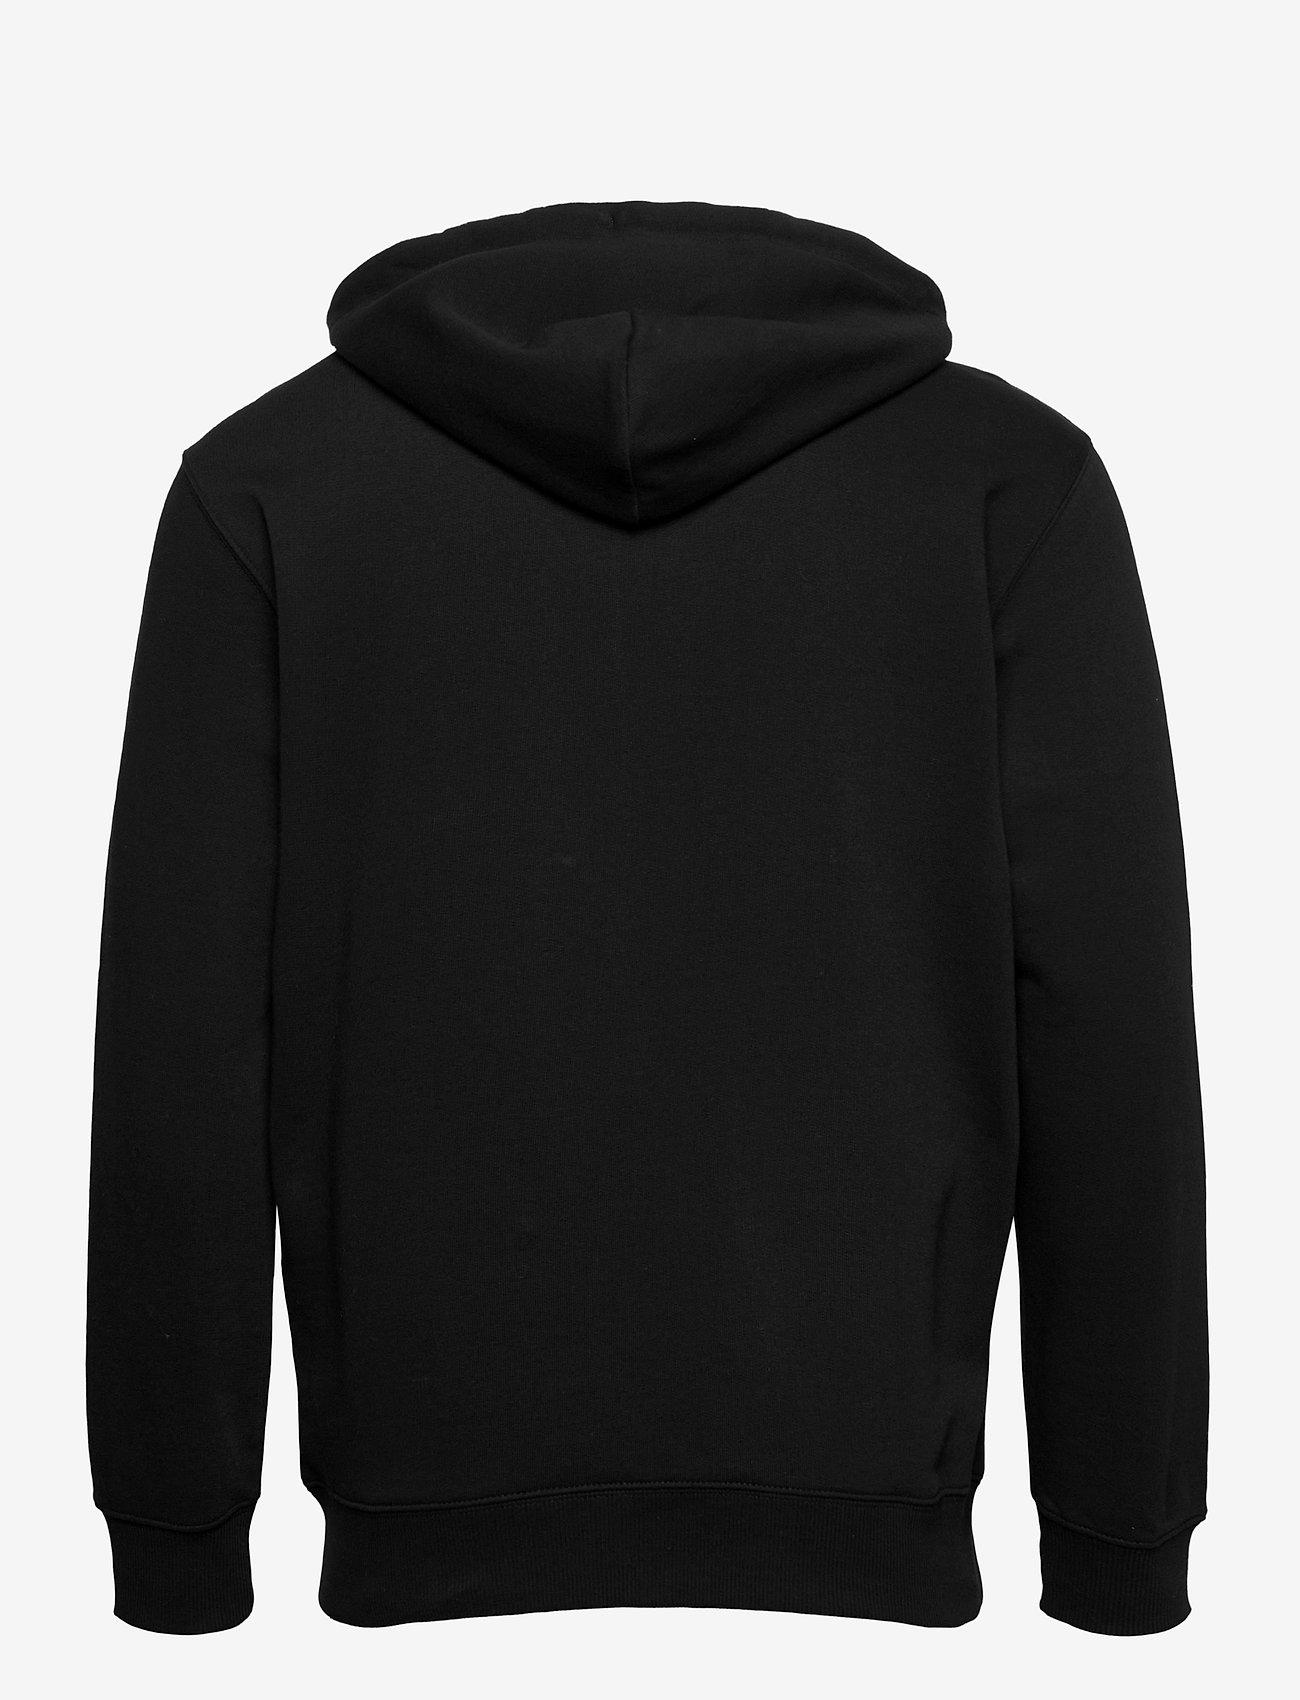 Lee Jeans - BASIC ZIP THROUGH HO - hoodies - black - 1